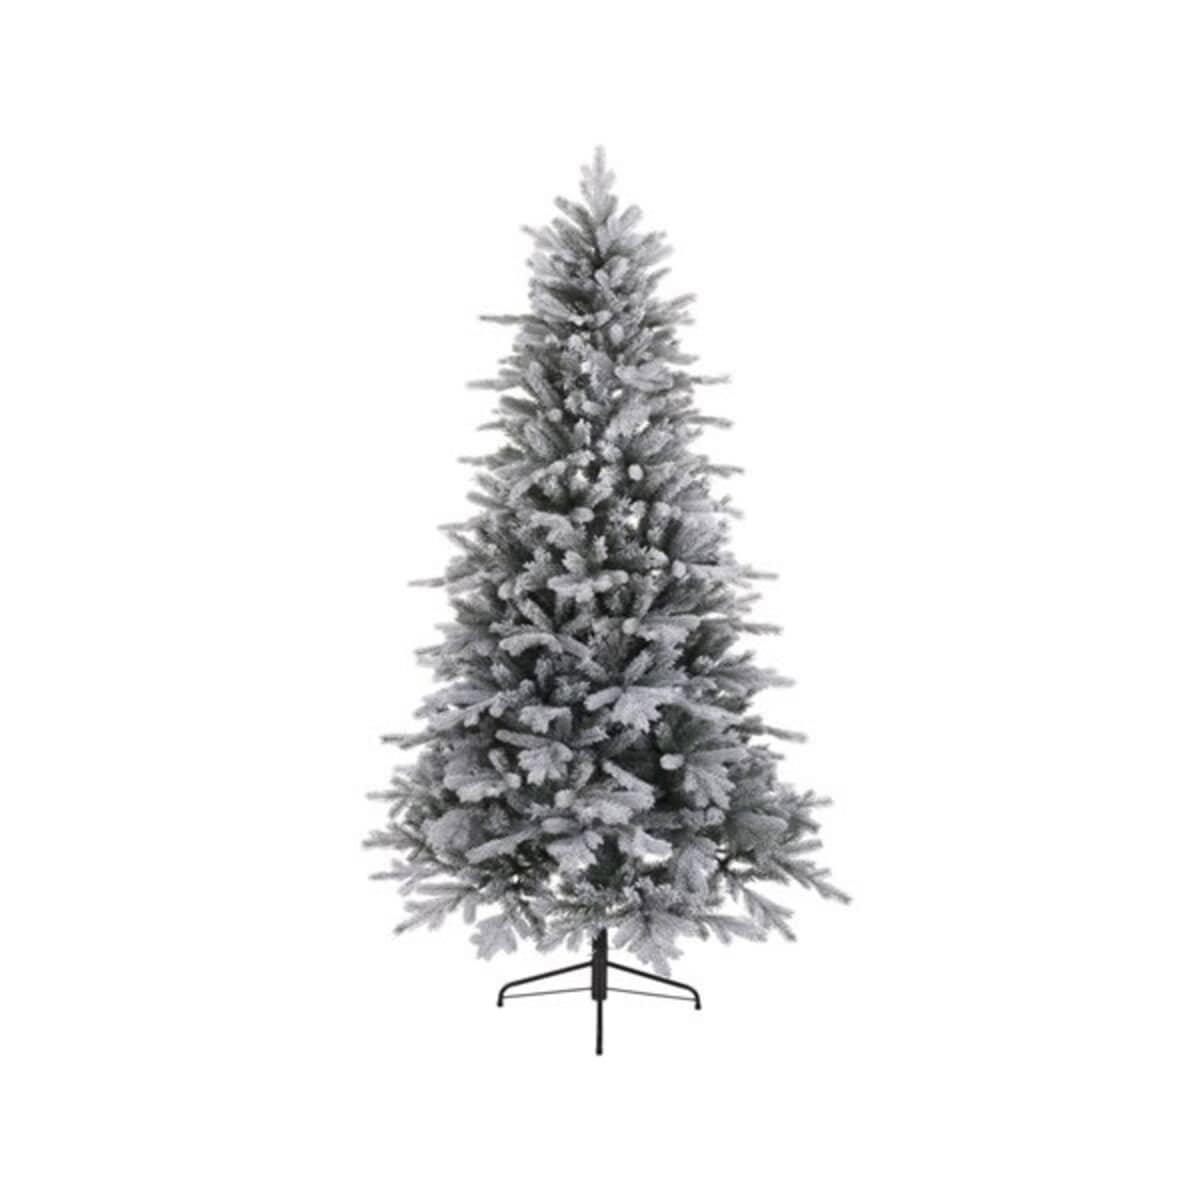 kaemingk frosted vermont spruce tree 150cm 693540. Black Bedroom Furniture Sets. Home Design Ideas